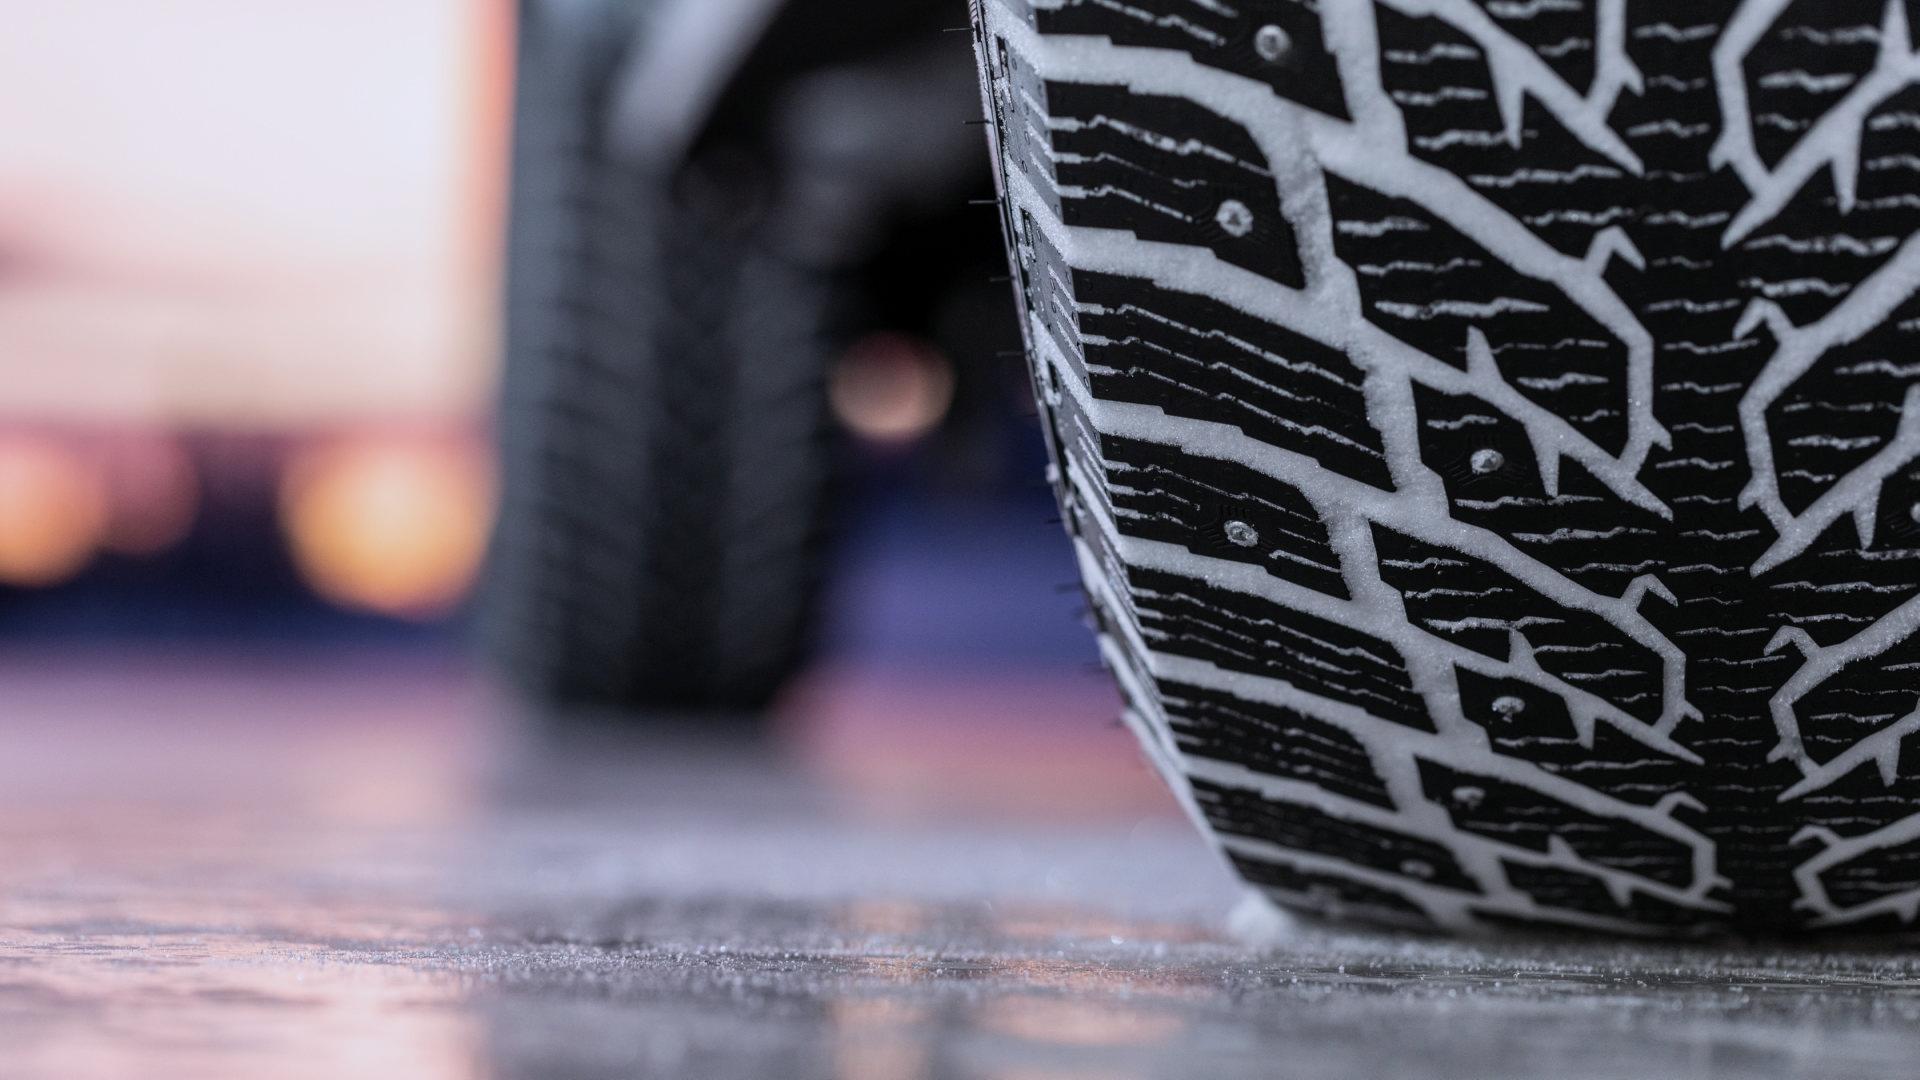 Зимние шины. Почему их стоит иметь?